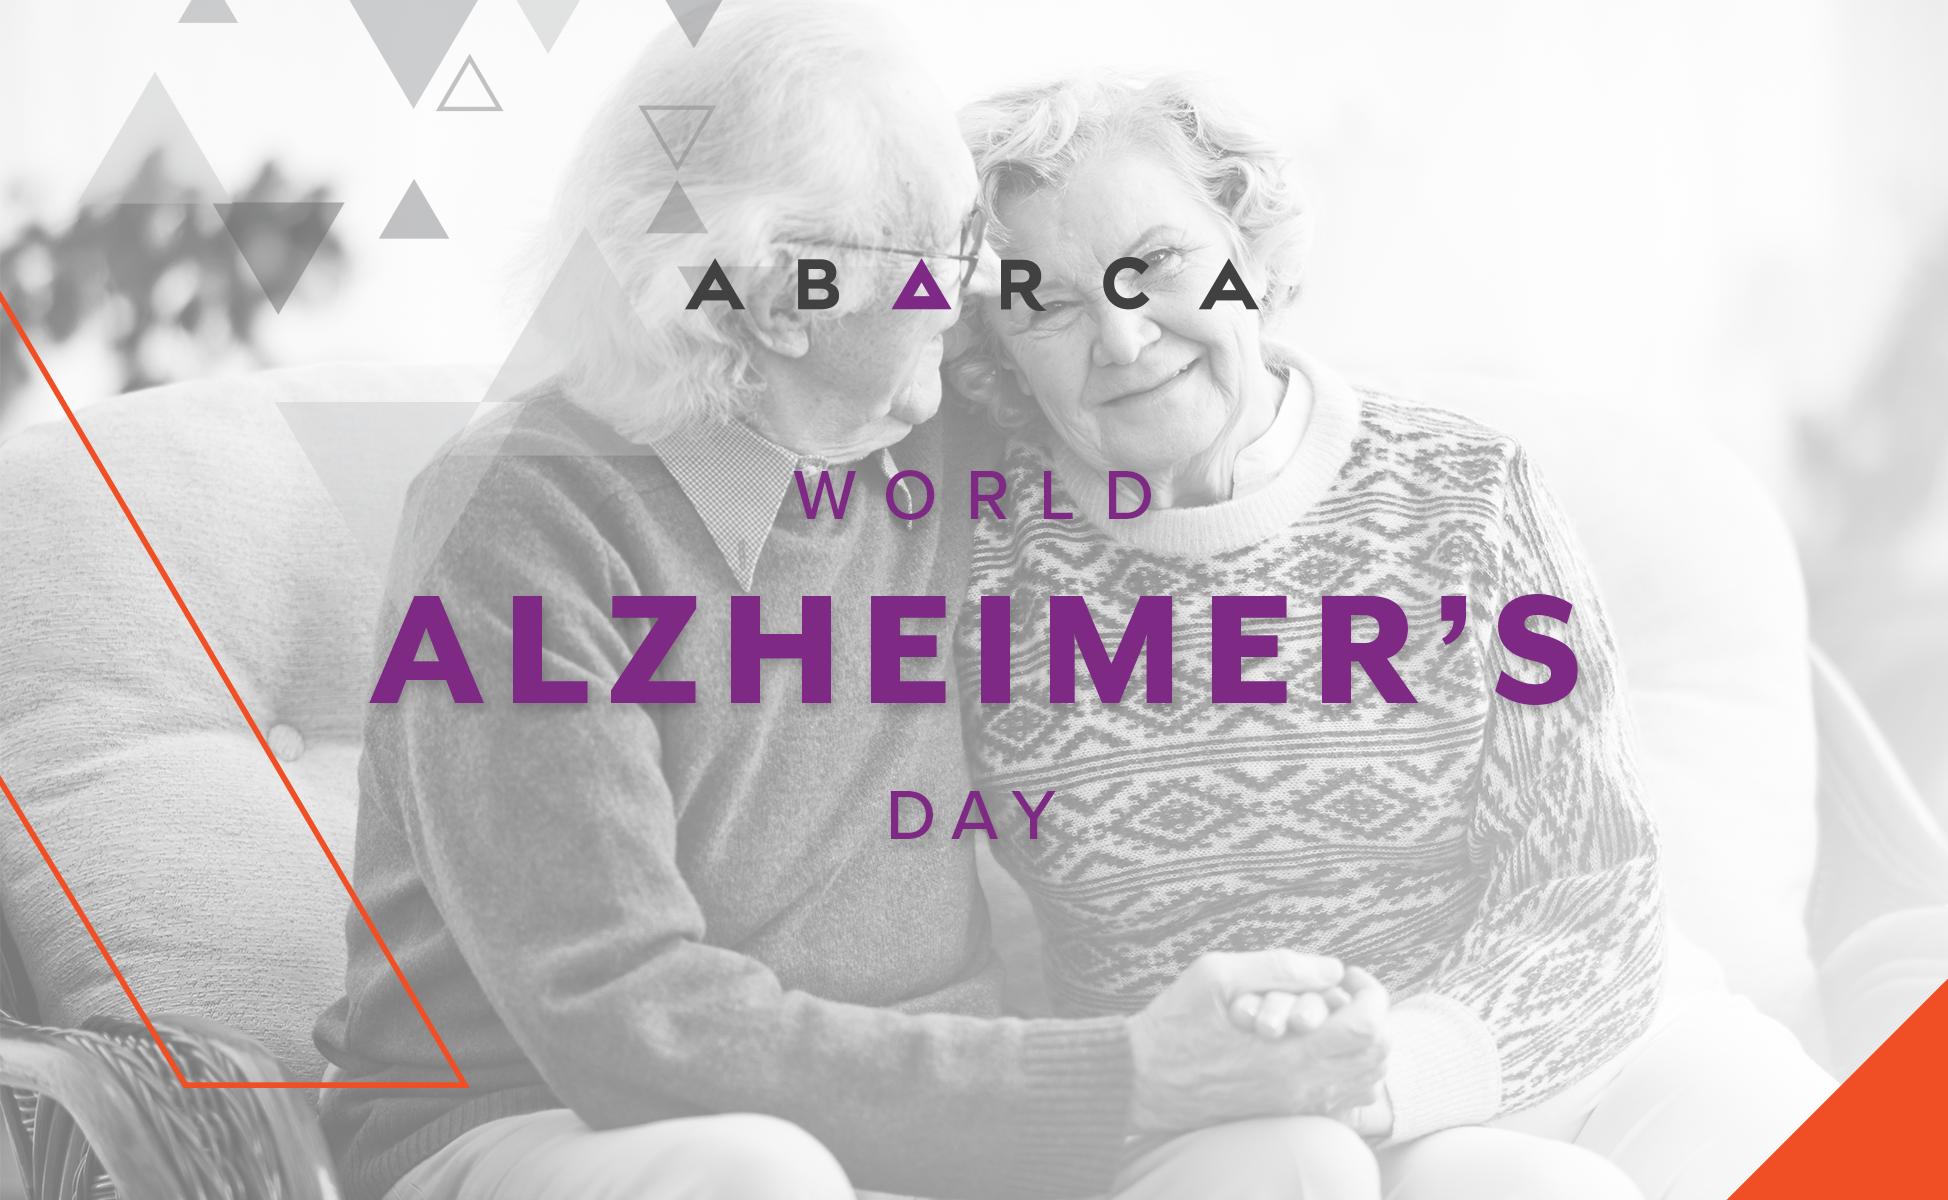 World Alzheimer's Day_Awareness Initiative_Abarcans